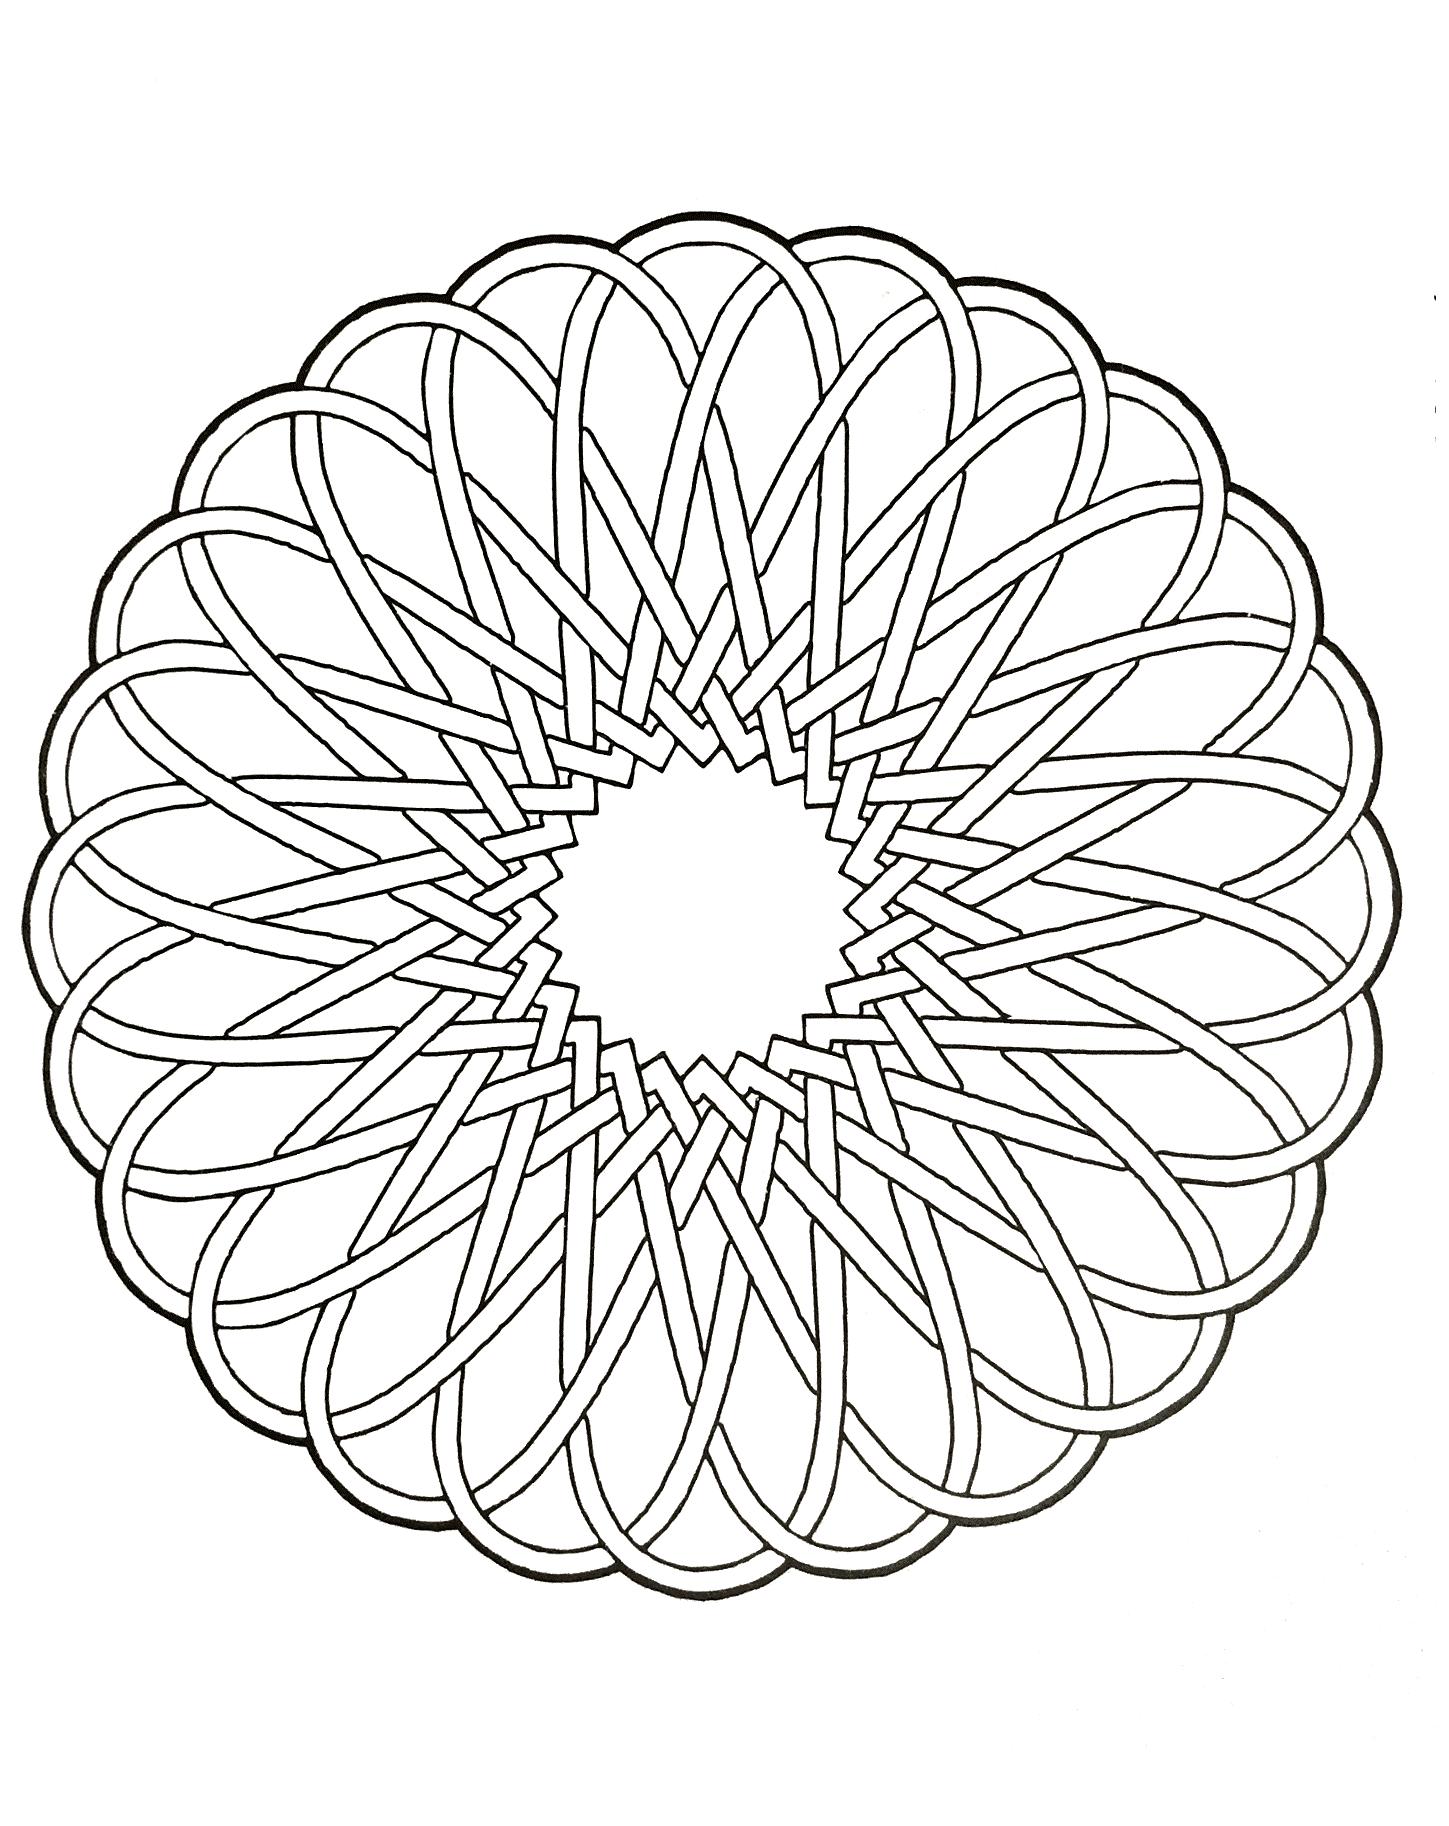 Mandalas A Imprimer Gratuit 56 - Mandalas Zen & Anti-Stress pour Mandala À Colorier Et À Imprimer Gratuit